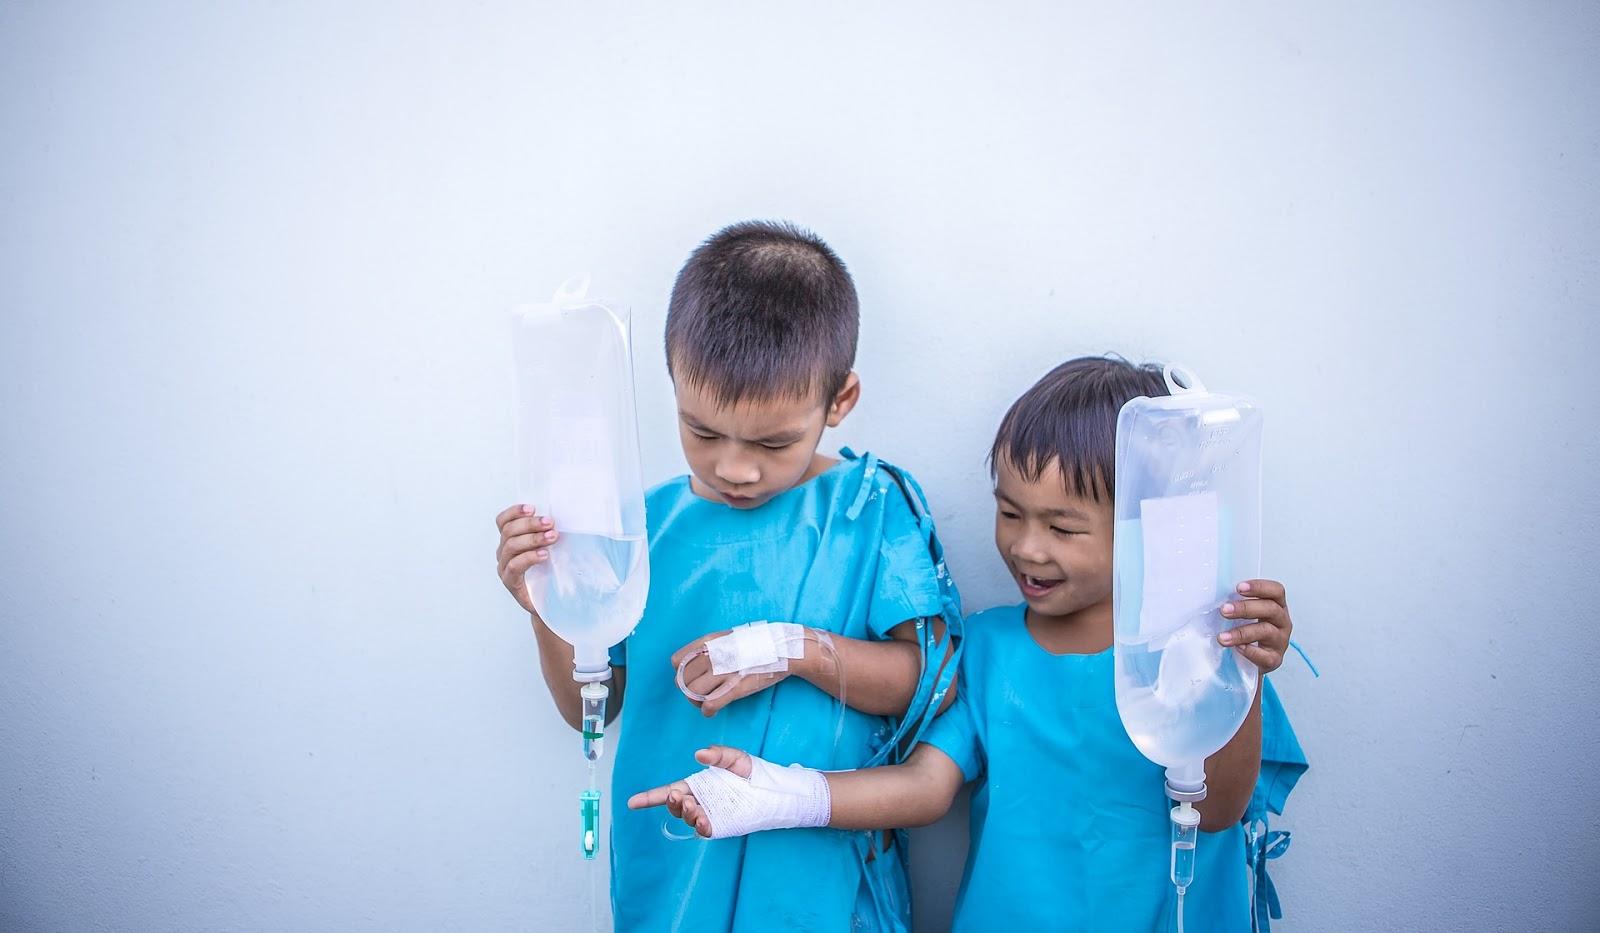 Pobyt w szpitalu dziecięcym